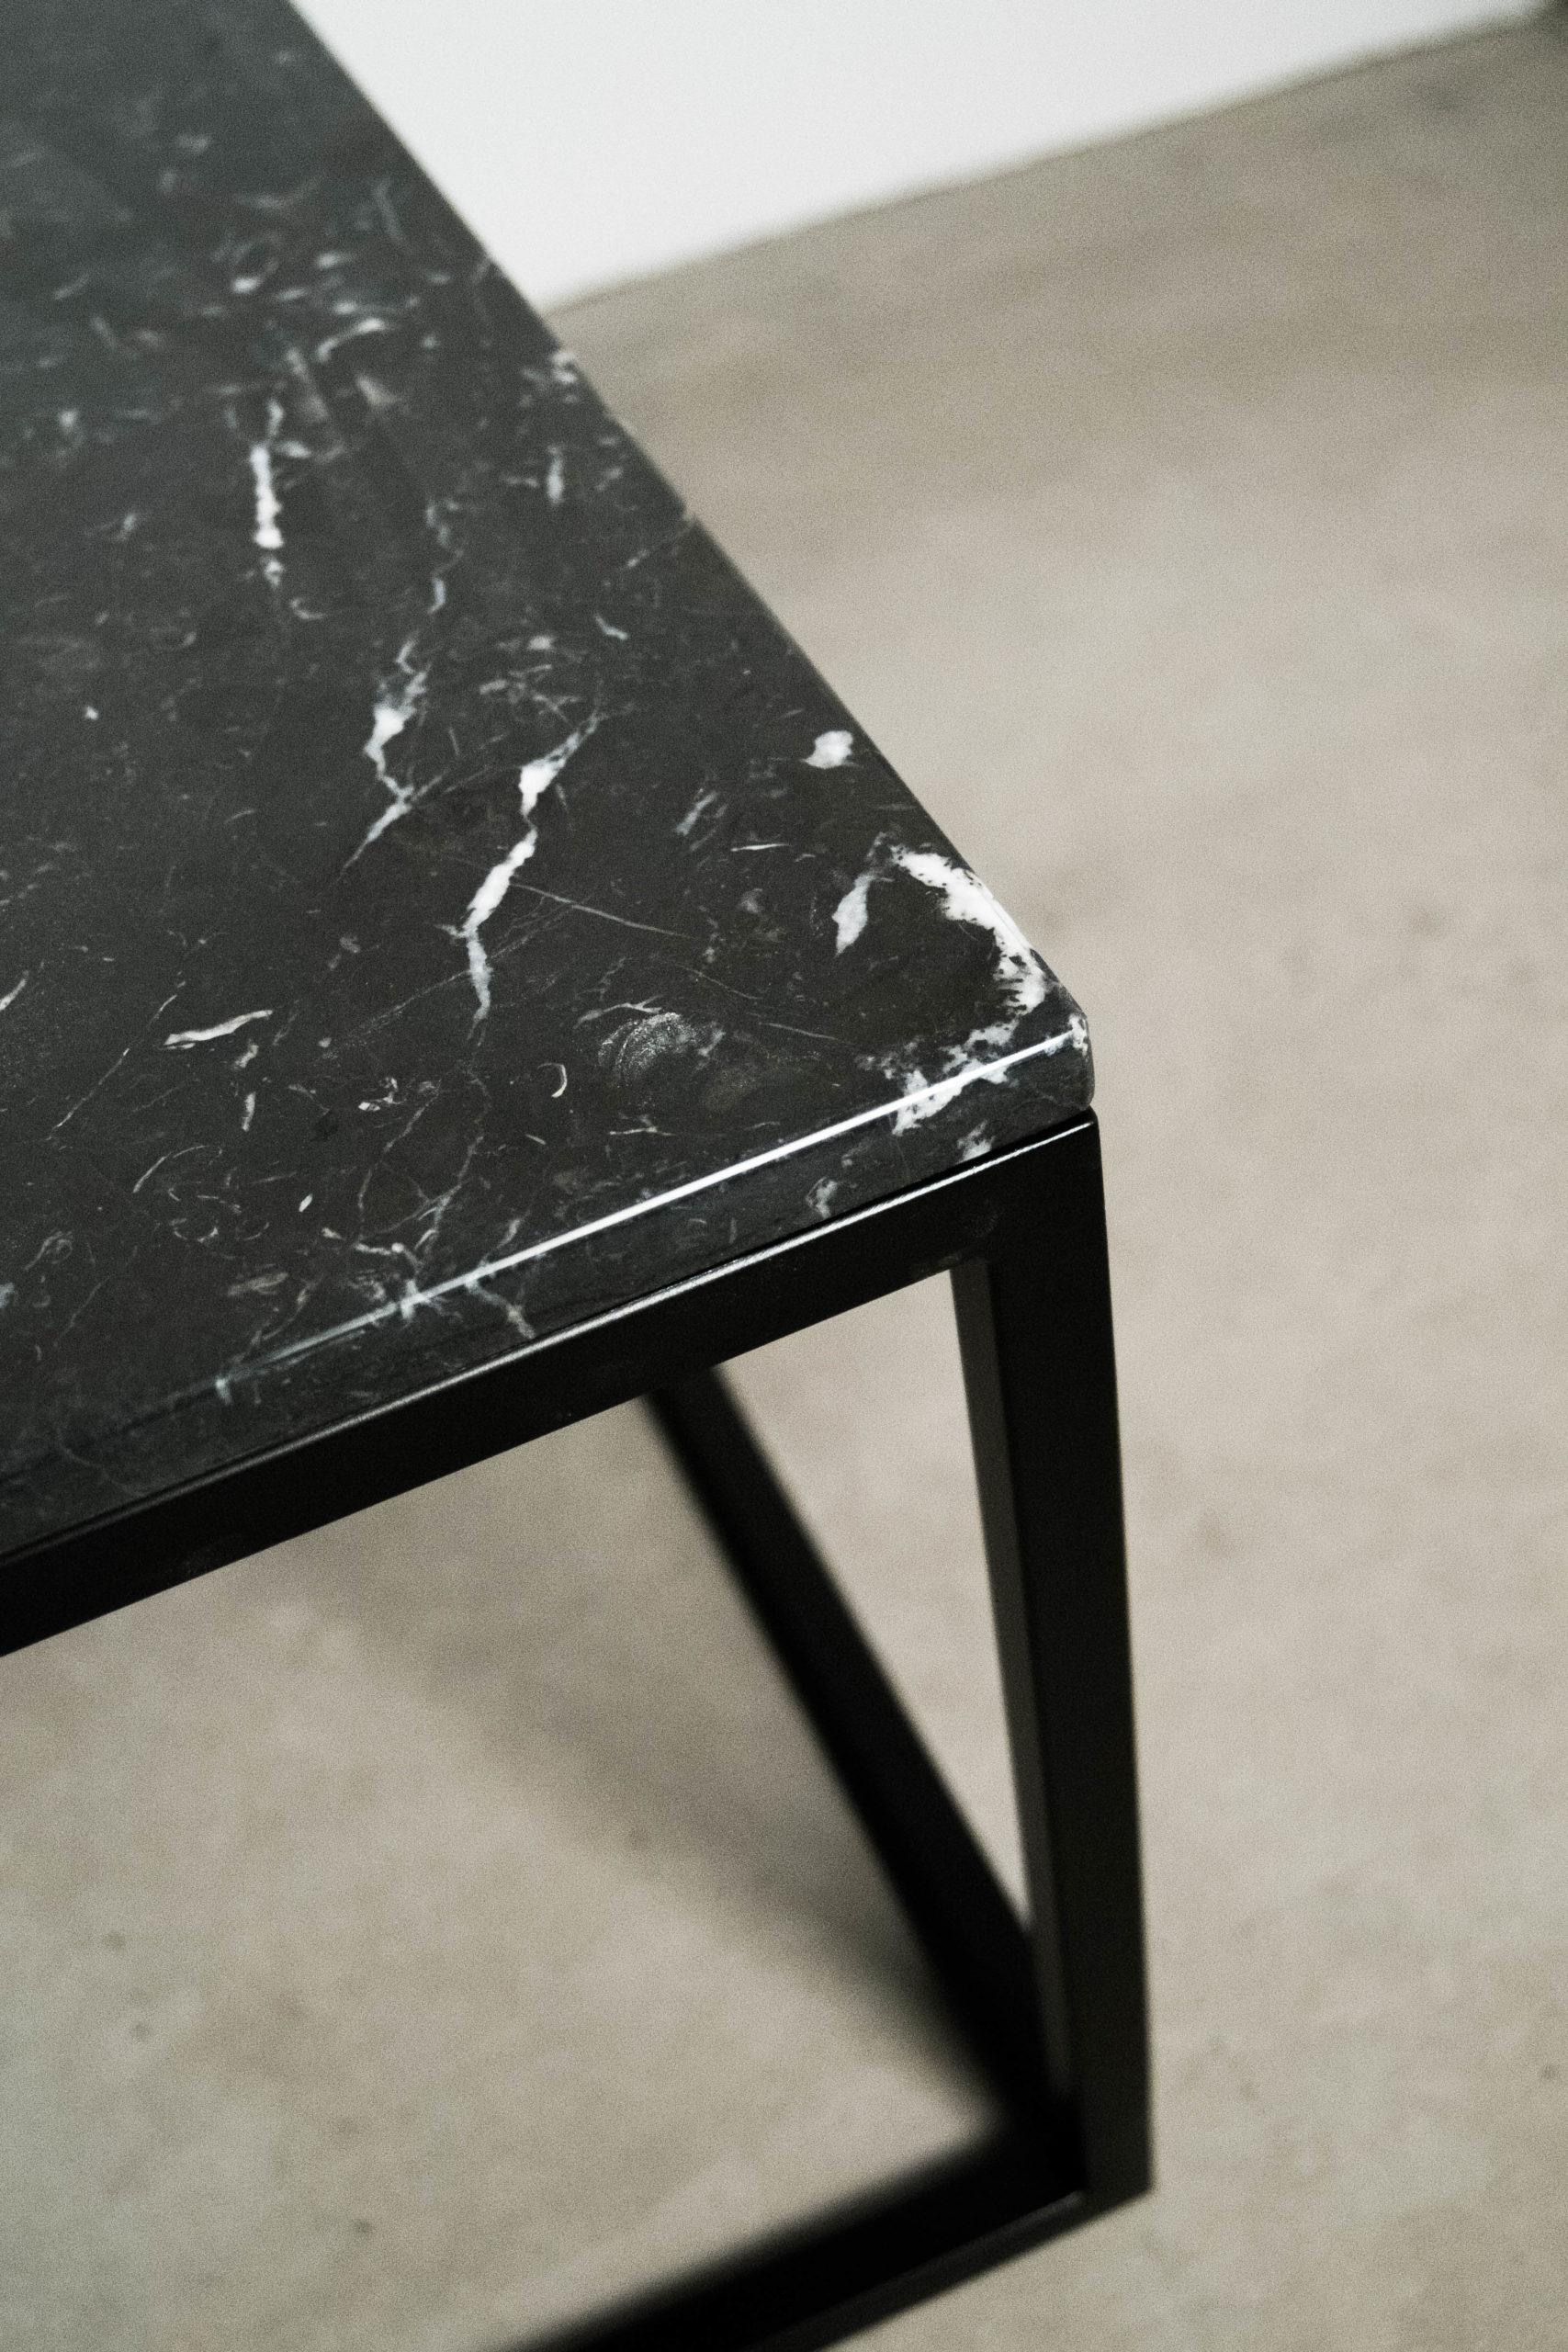 detalle de marmol de calidad fabricada a mano diseño original